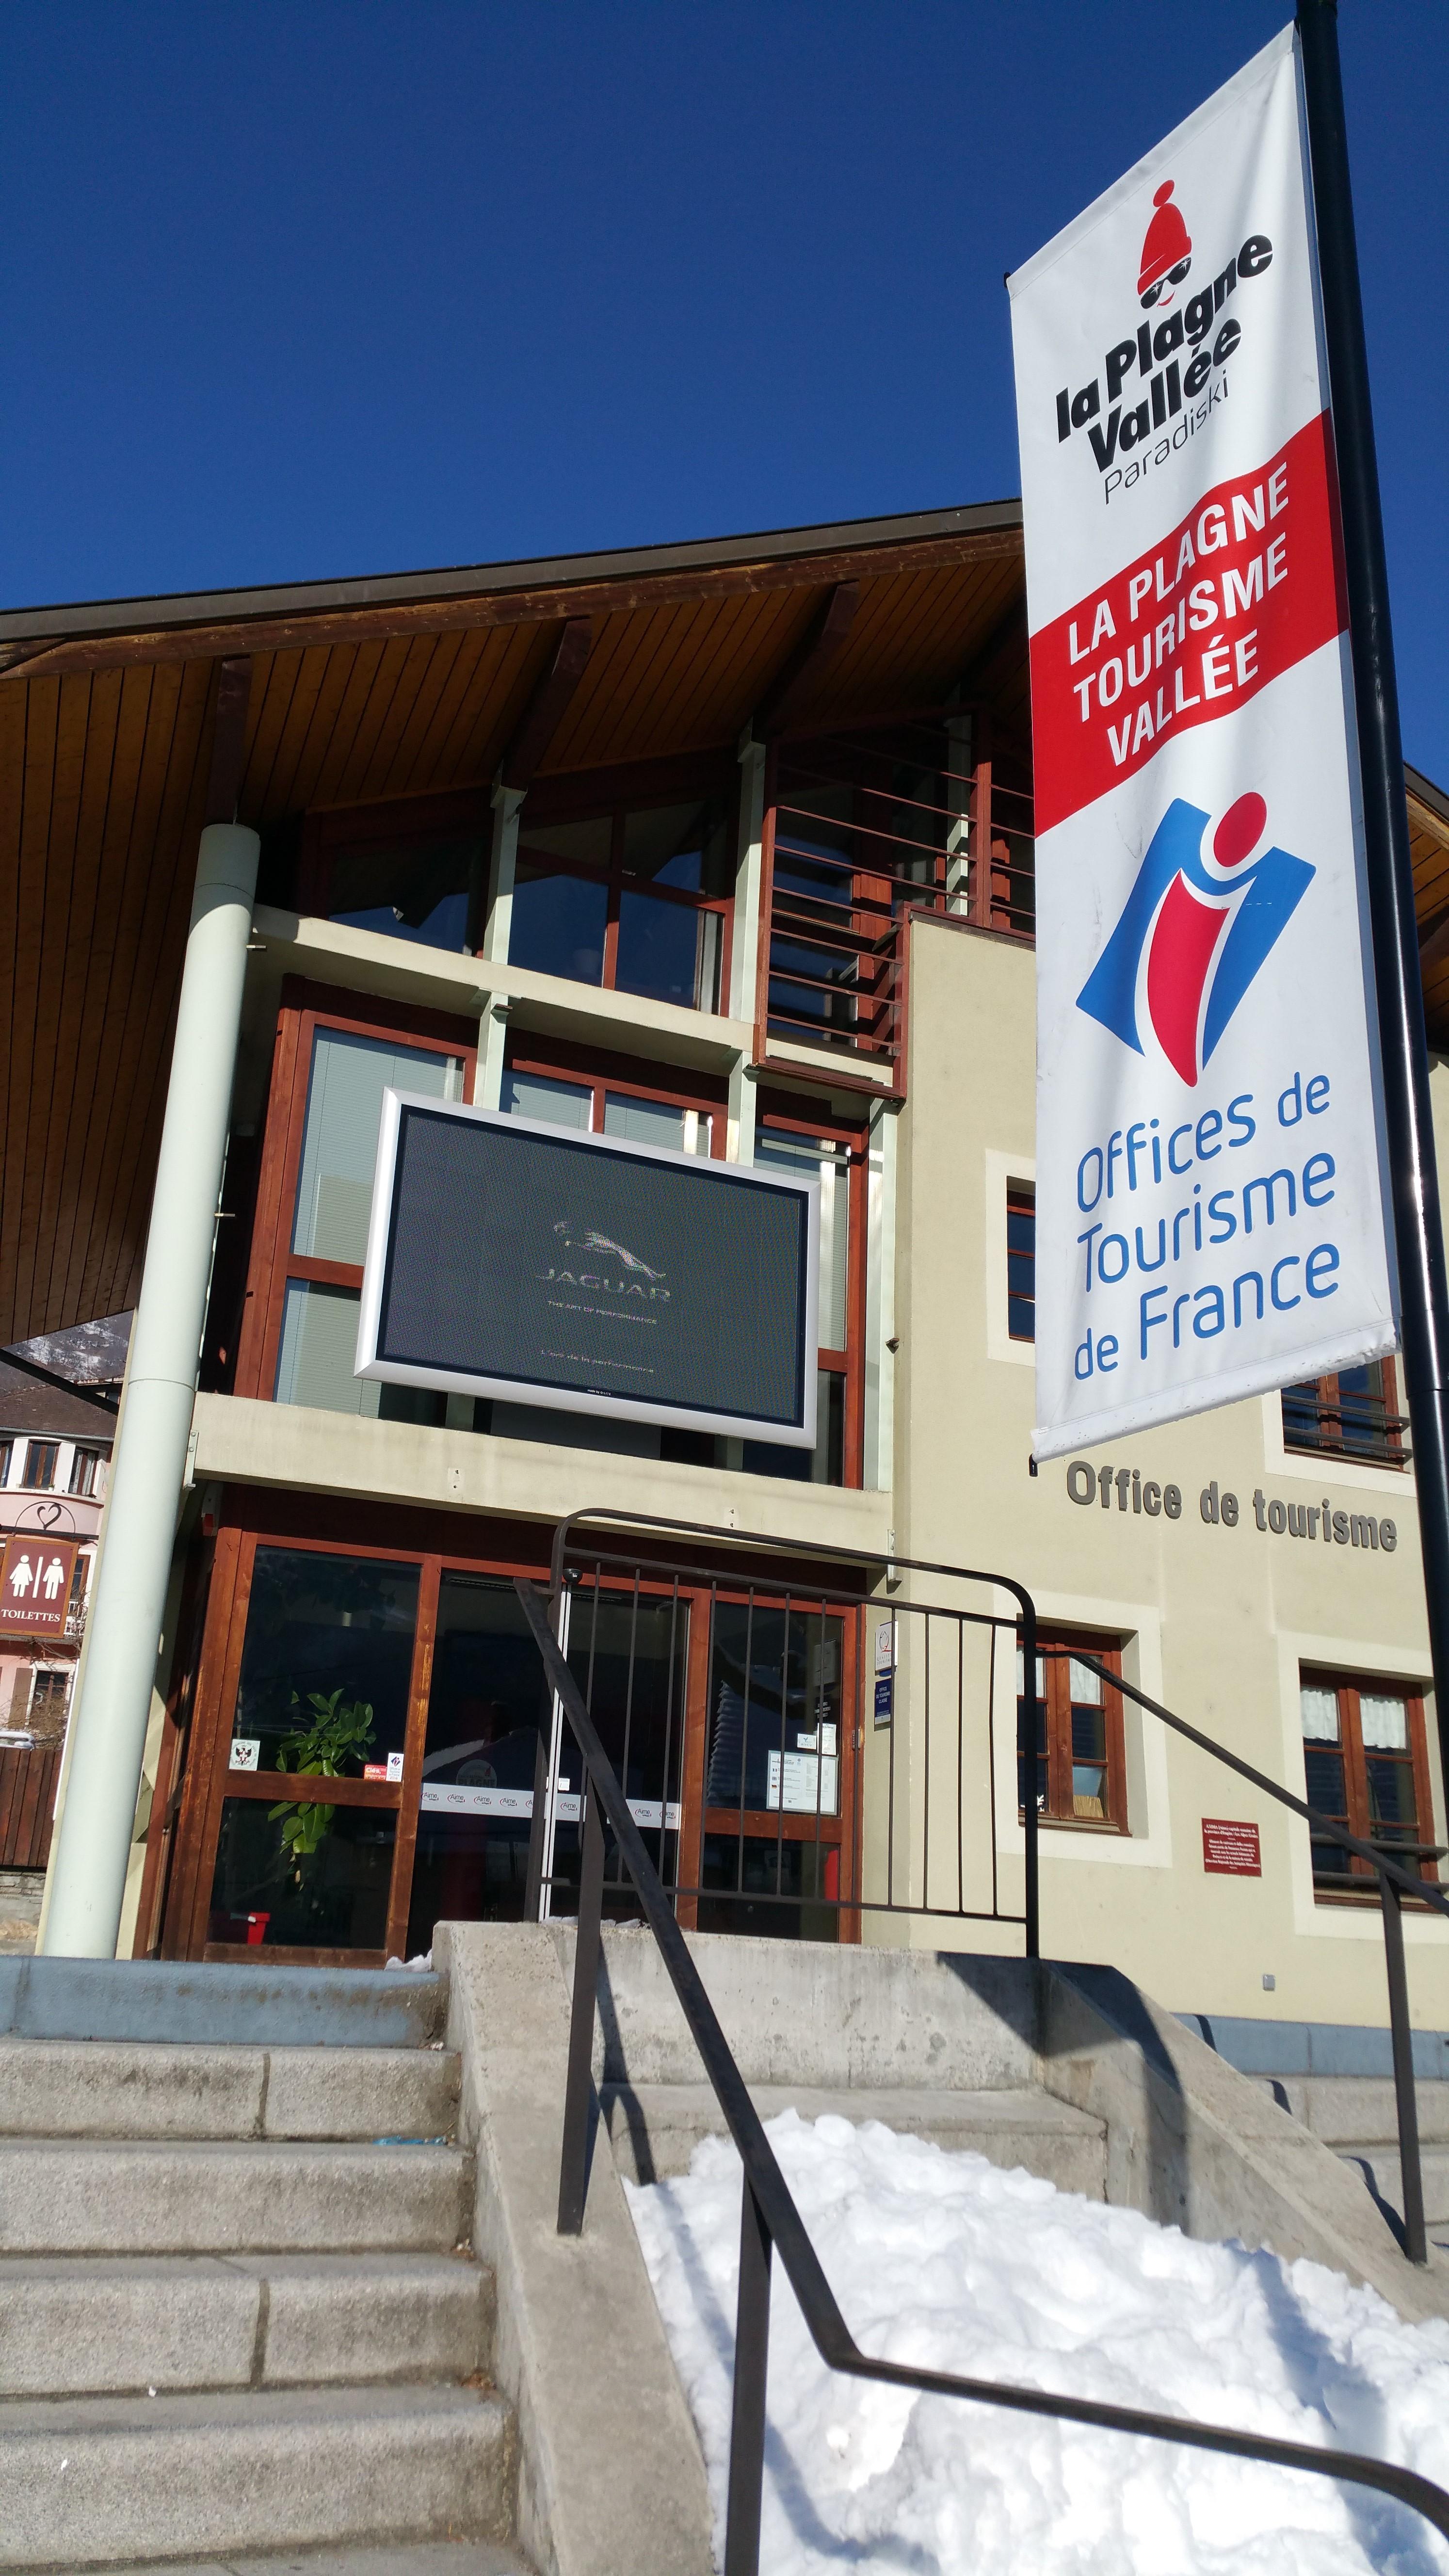 La plagne tourisme vall e savoie mont blanc savoie et haute savoie alpes - Office de tourisme tahiti ...